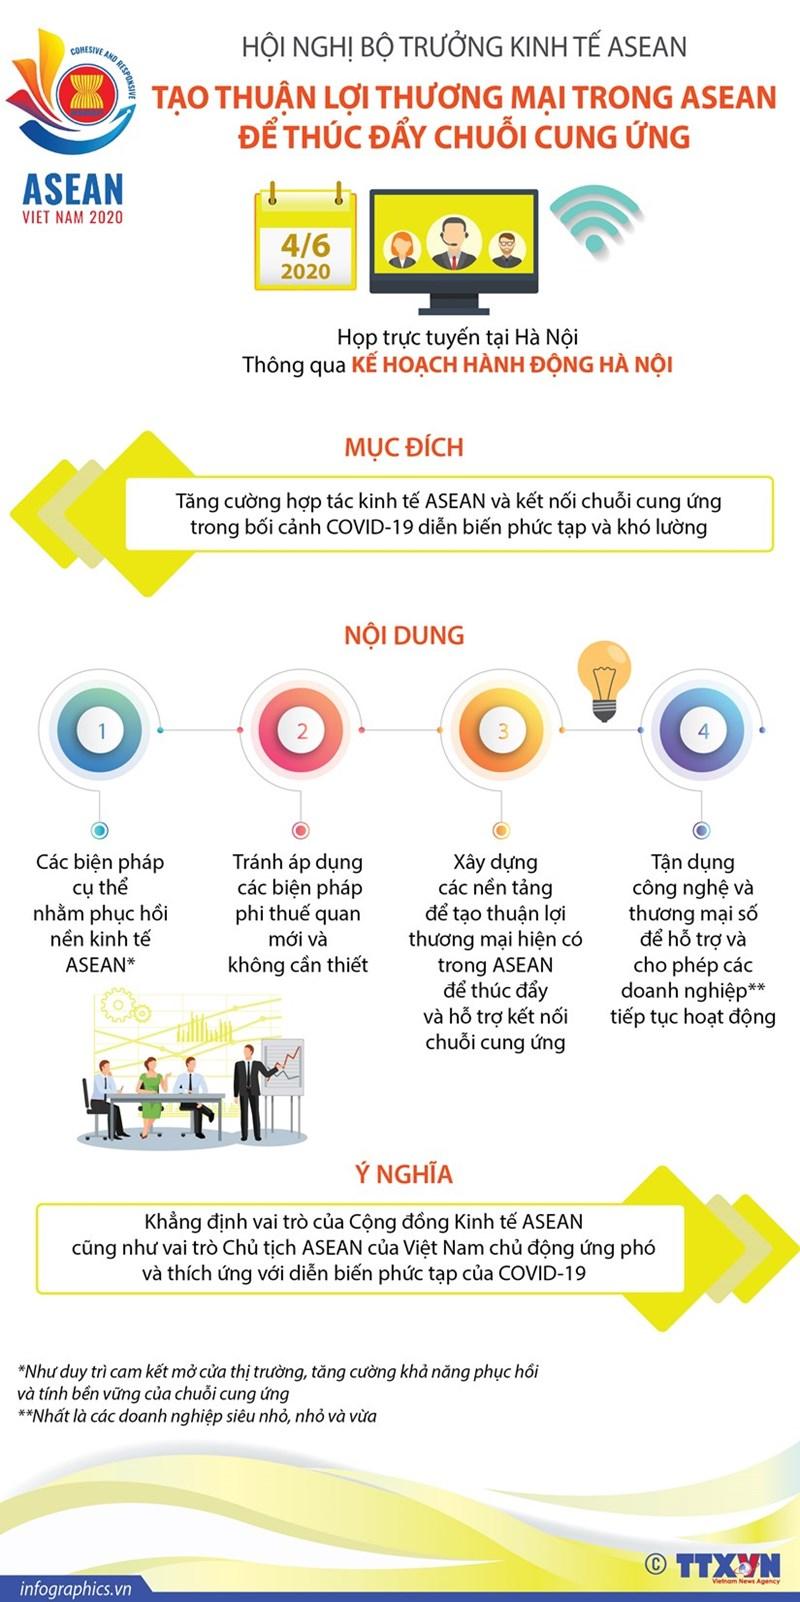 [Infographics] Hội nghị Bộ trưởng kinh tế ASEAN: Thông qua Kế hoạch hành động Hà Nội - Ảnh 1